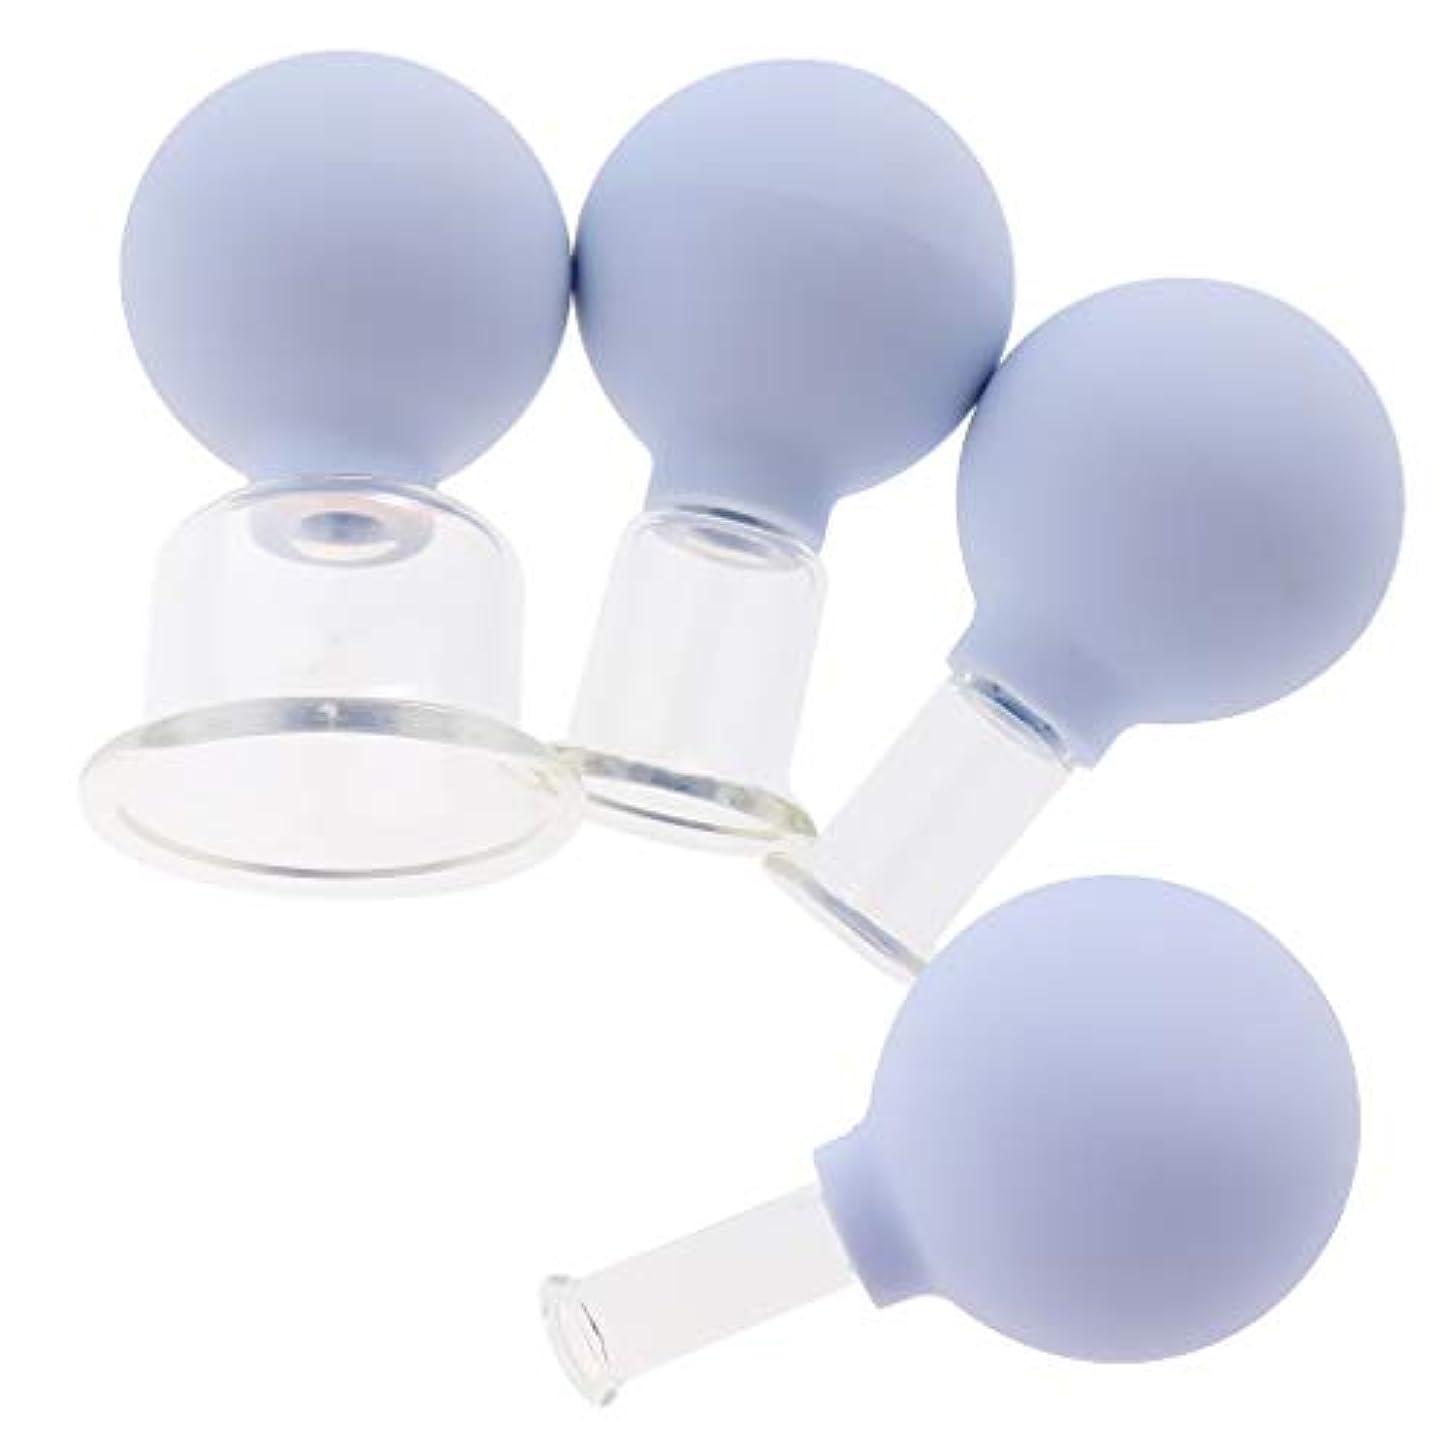 楽観的アンペアガラスCUTICATE 全3色 マッサージカップ ガラスカッピング 吸い玉 マッサージ カッピングセット 4個入 - 白